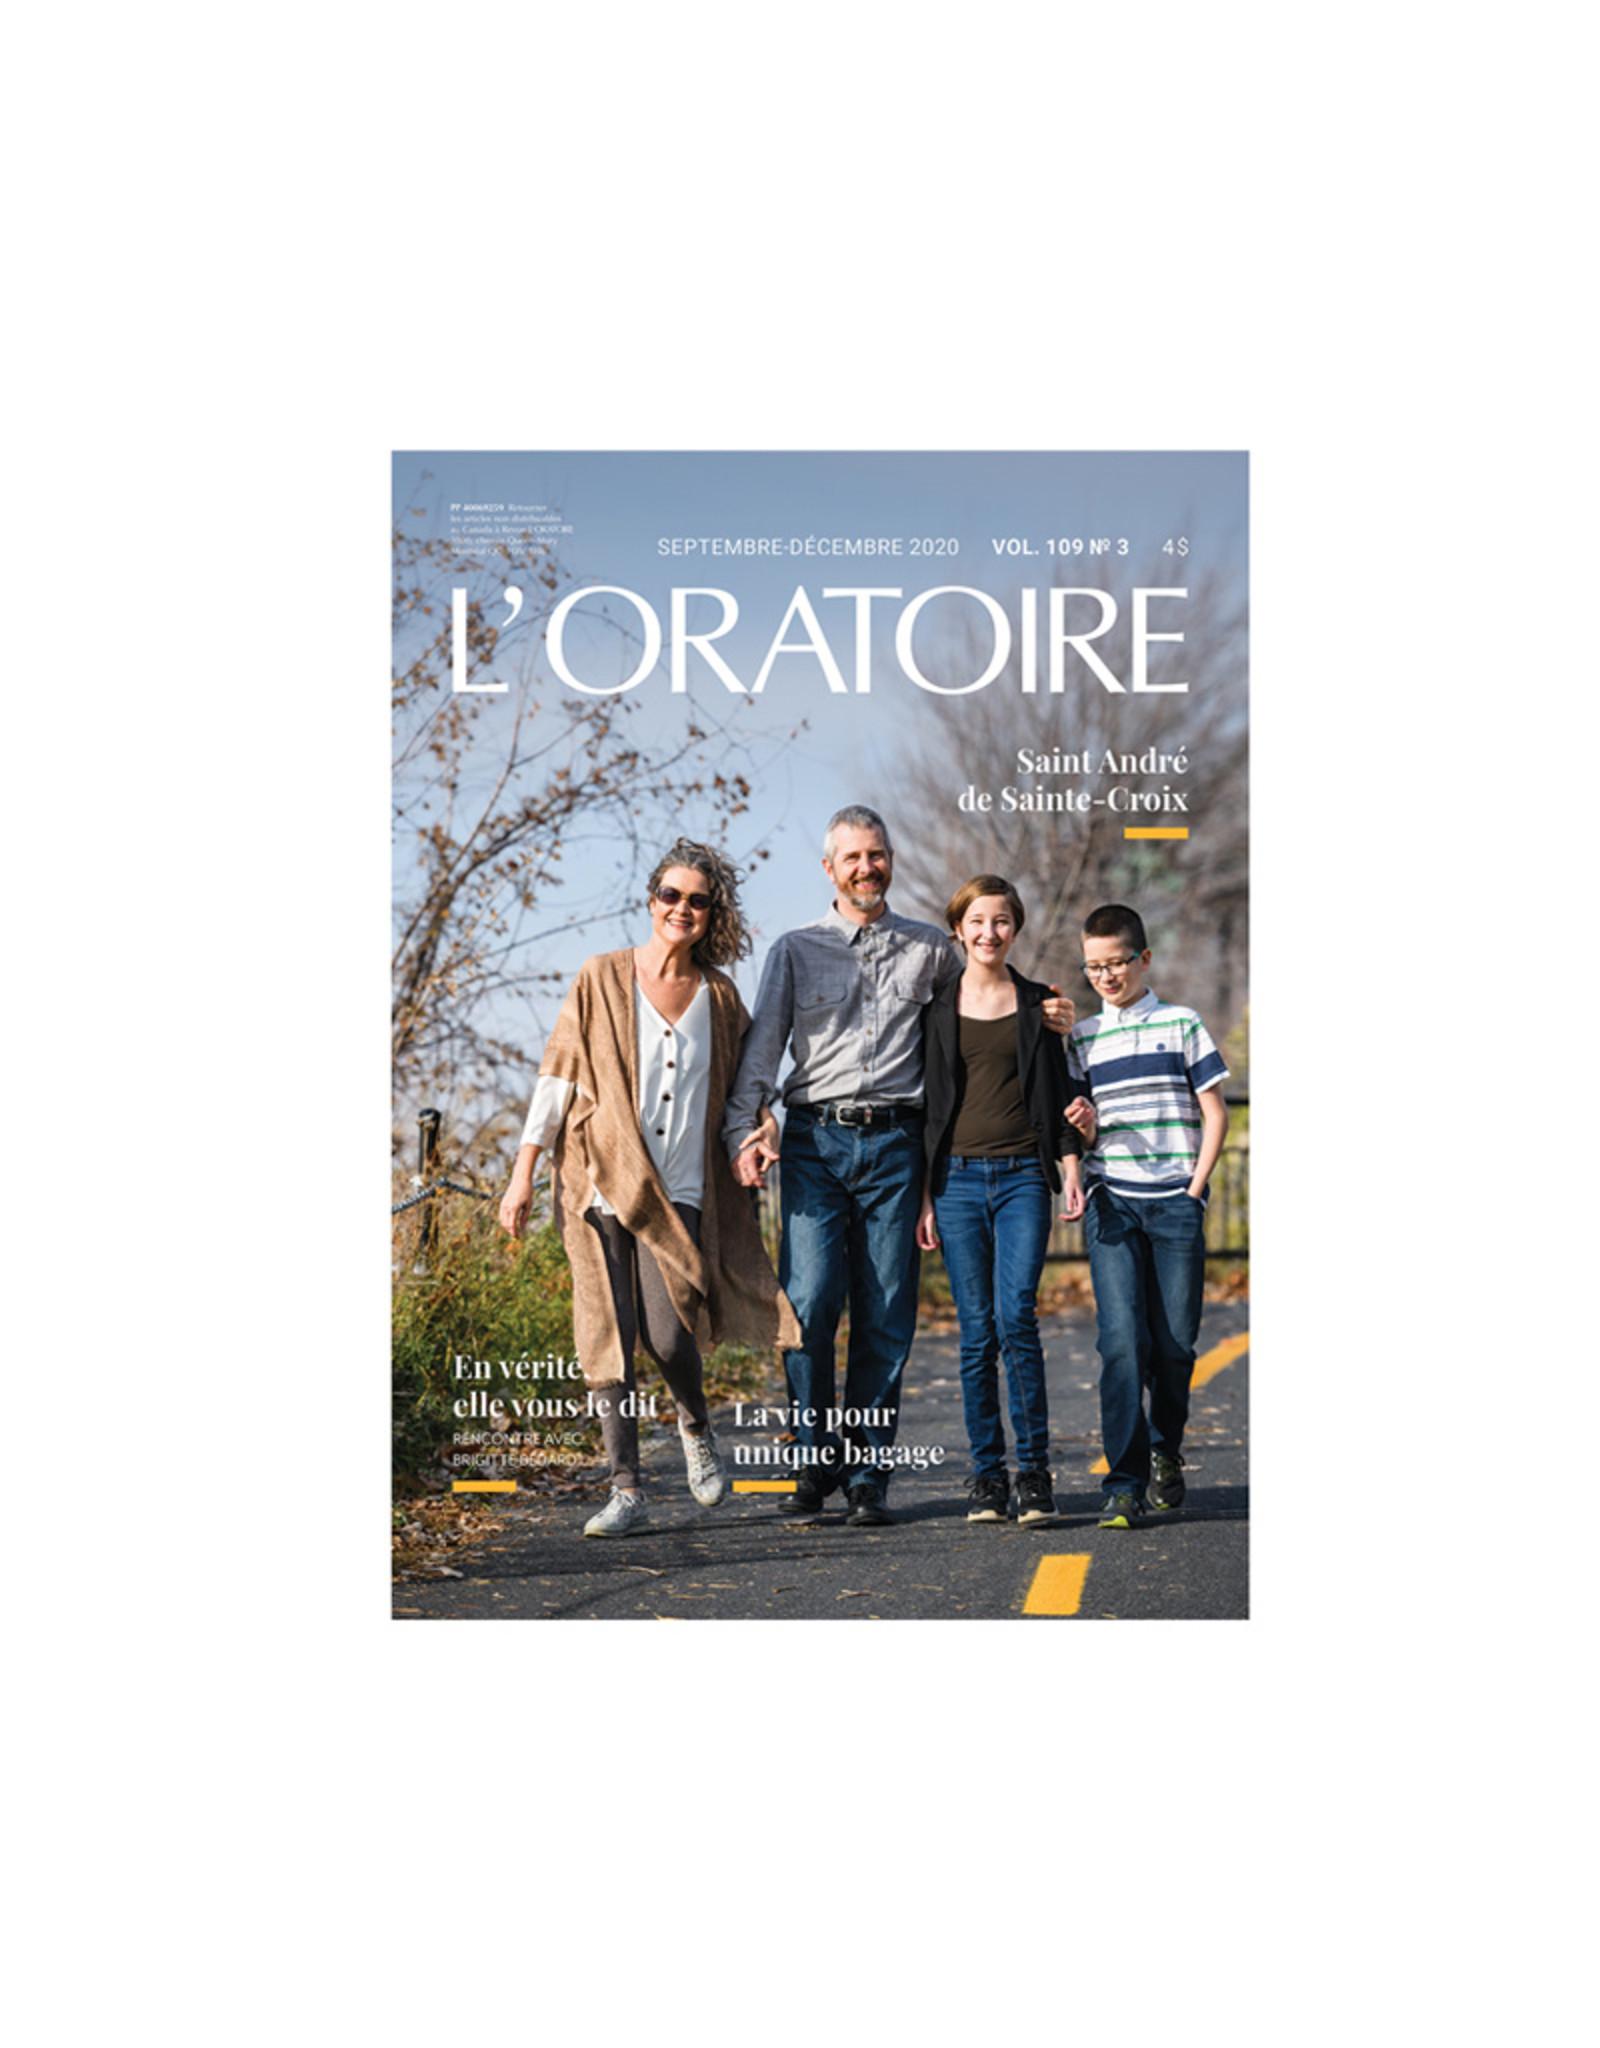 Revue L'Oratoire Septembre-Décembre 2020 vol.109. no.3